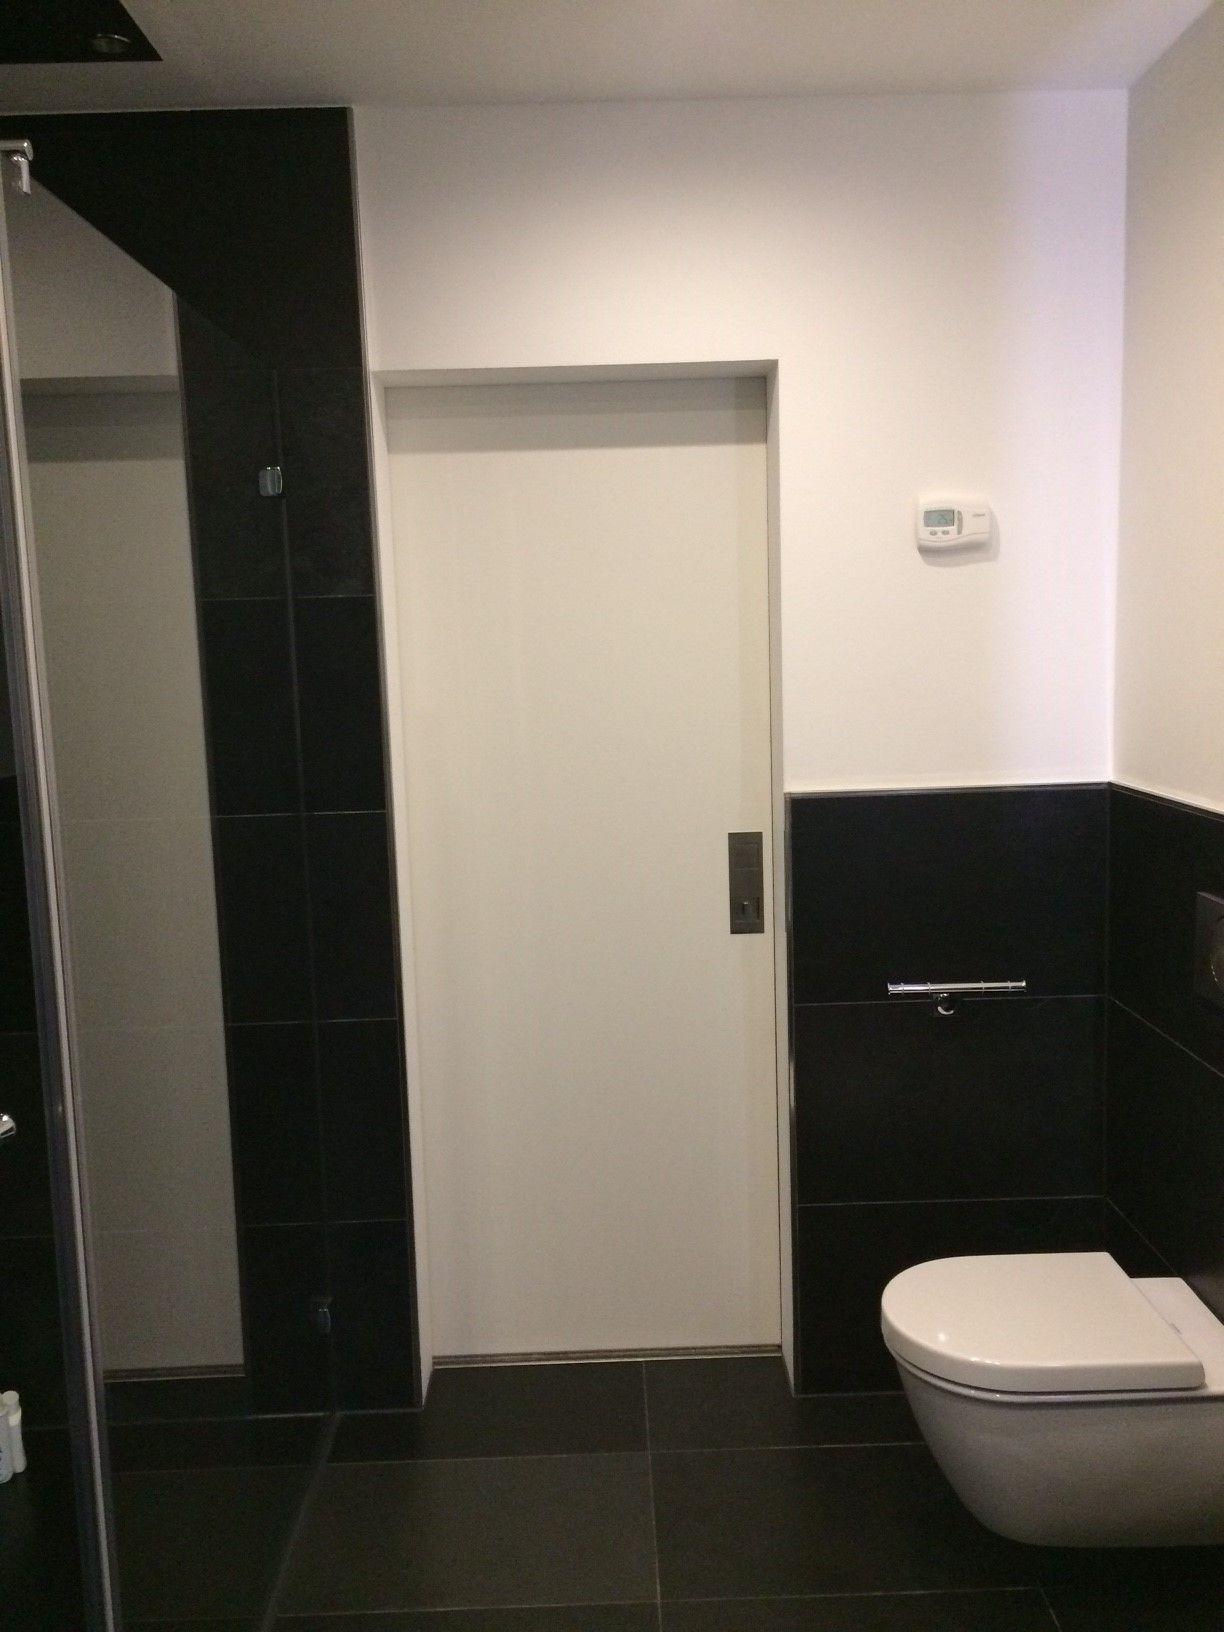 Badezimmer Schiebetur Abschliessbar Geschlossen Badezimmer Schiebetur Gaste Wc